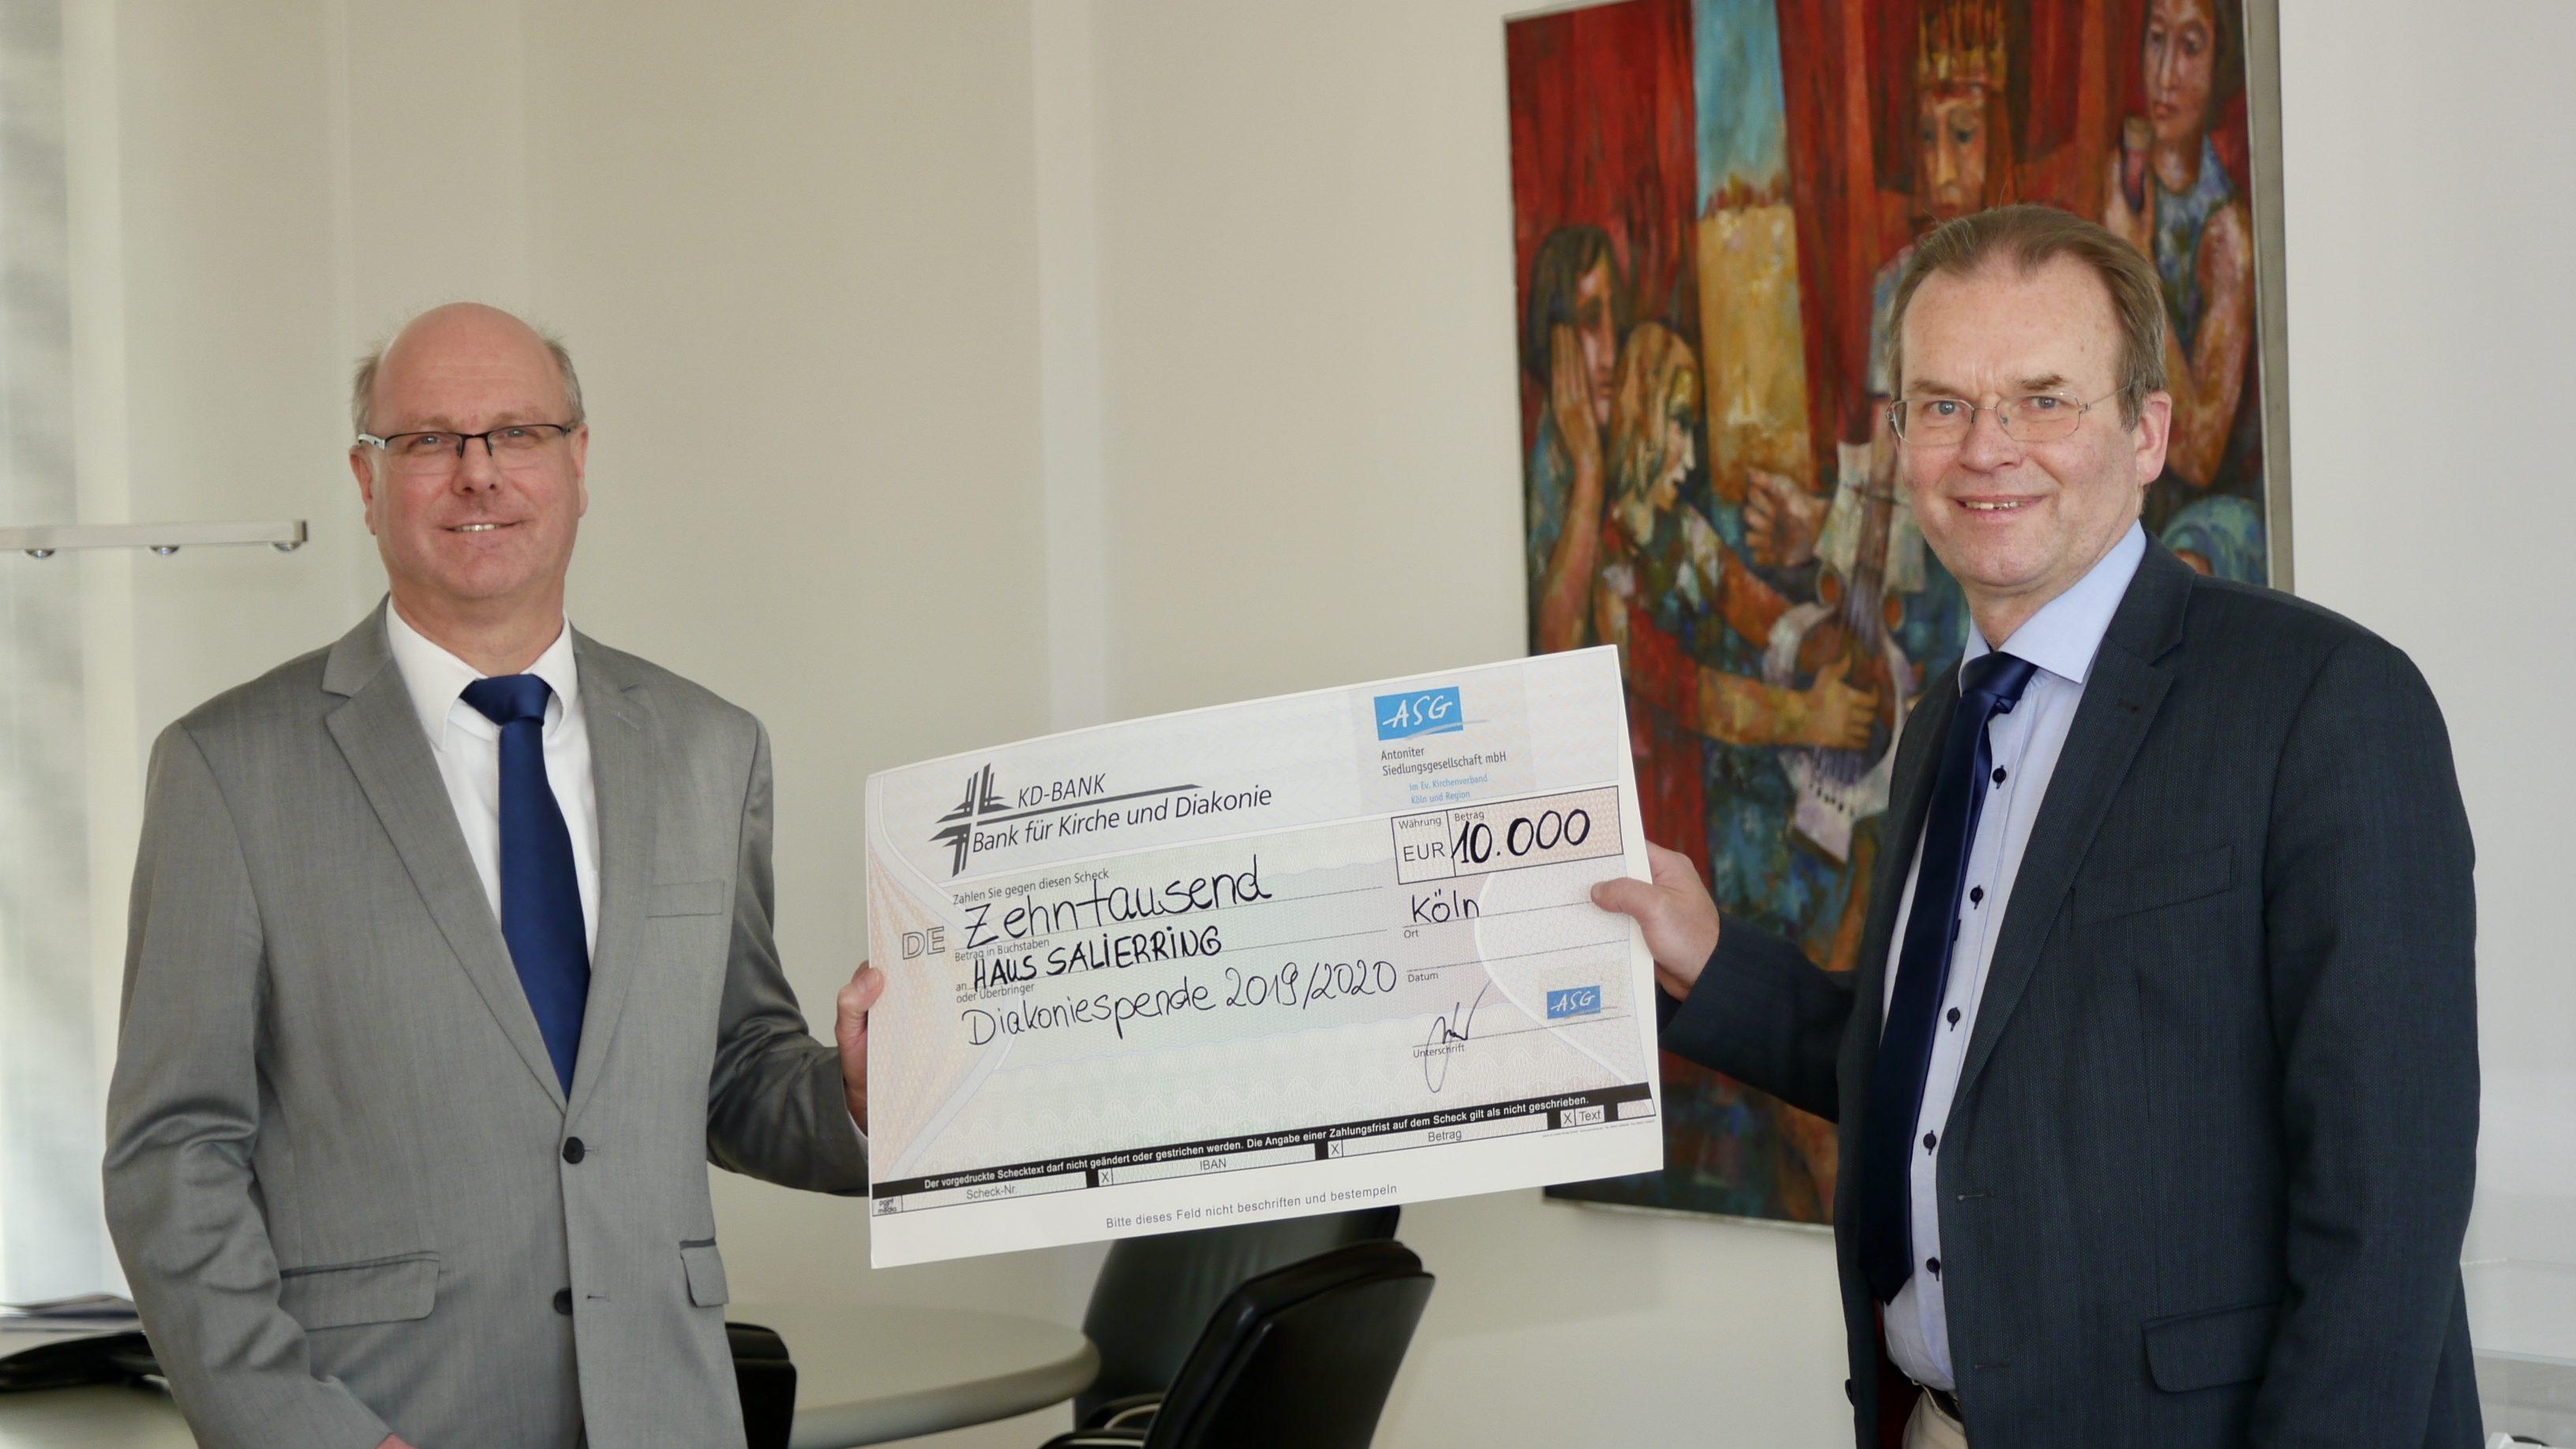 """Großzügige """"Spenden statt Geschenke"""" von ASG-Geschäftspartnern – Hilfe und Unterstützung für Menschen in Not im Diakoniehaus Salierring"""